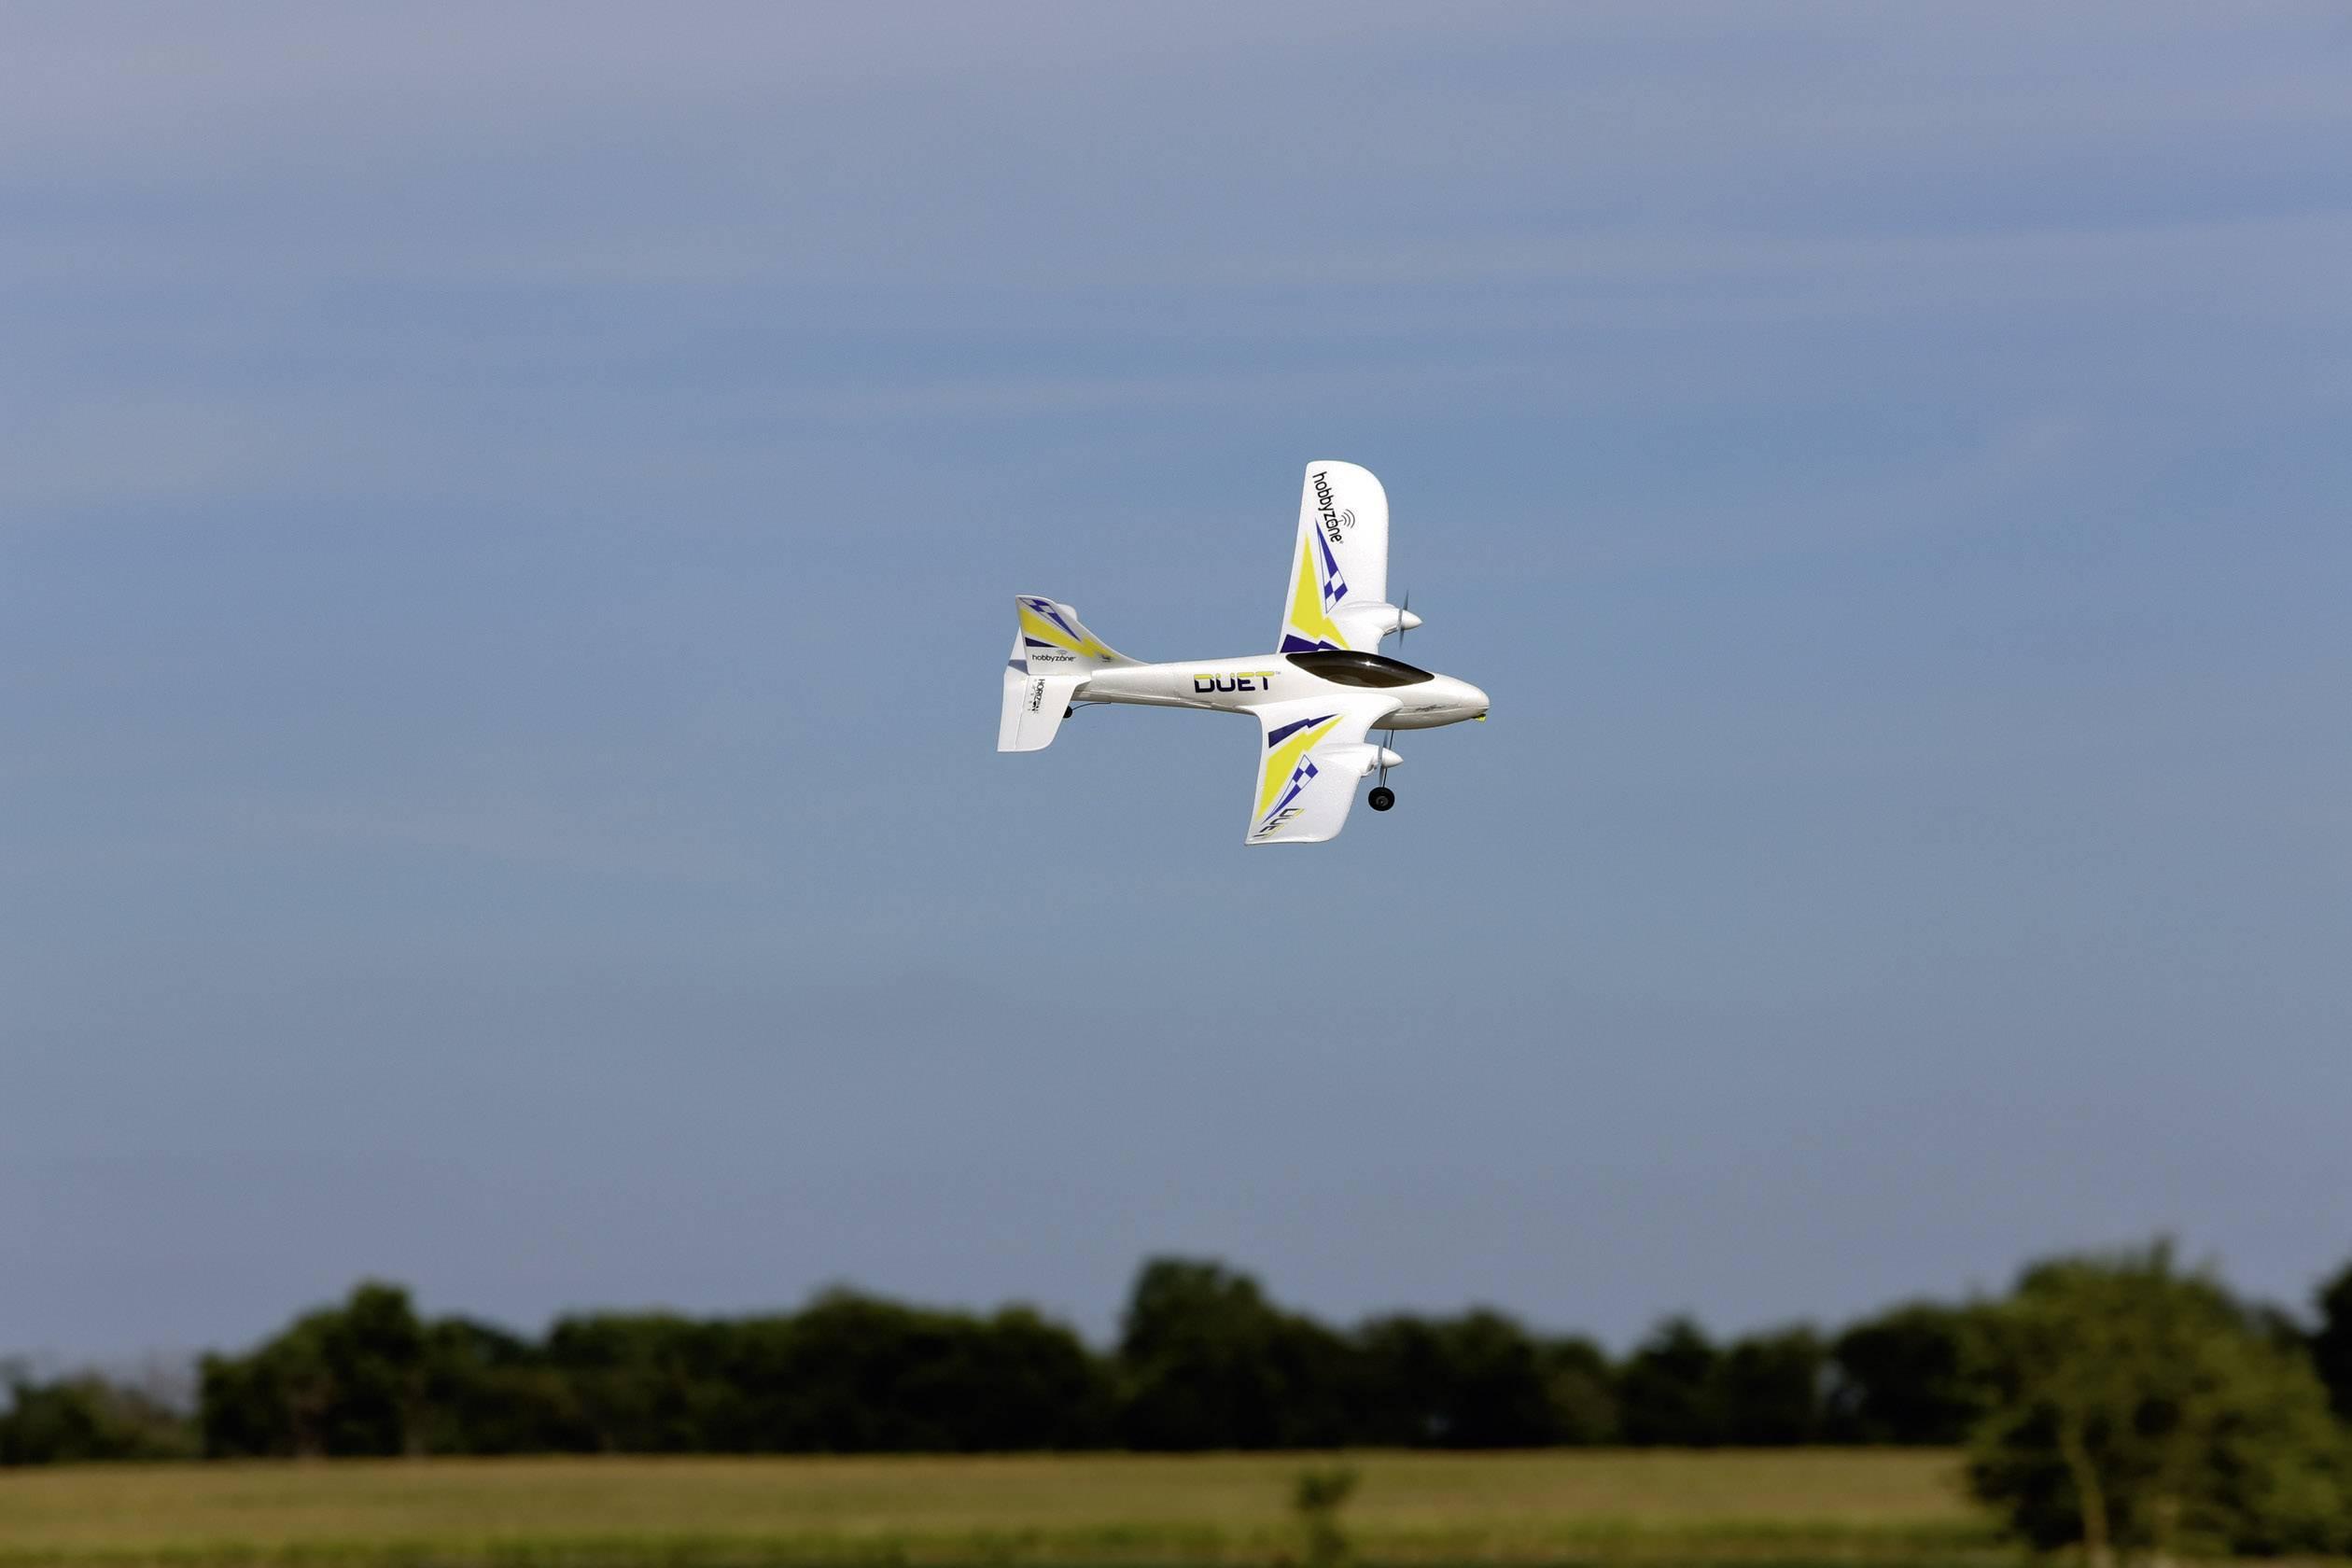 RC model lietadla Hobbyzone Duet 523 mm RTF